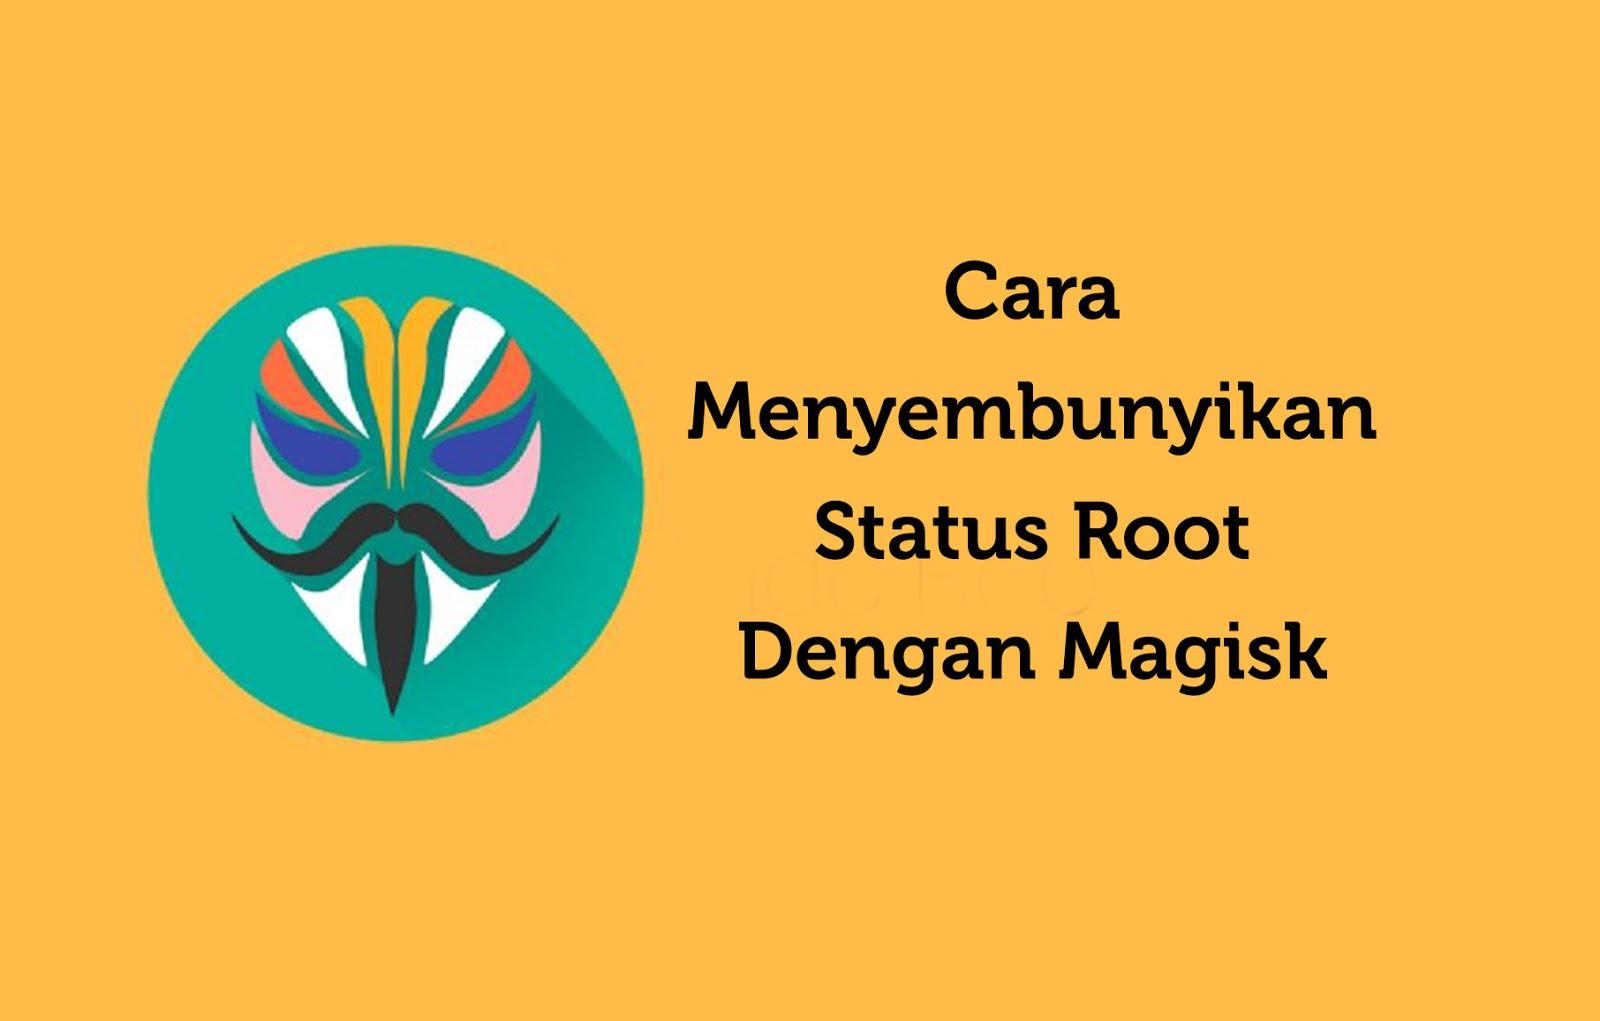 Cara Menyembunyikan Status Root Dengan Magisk0